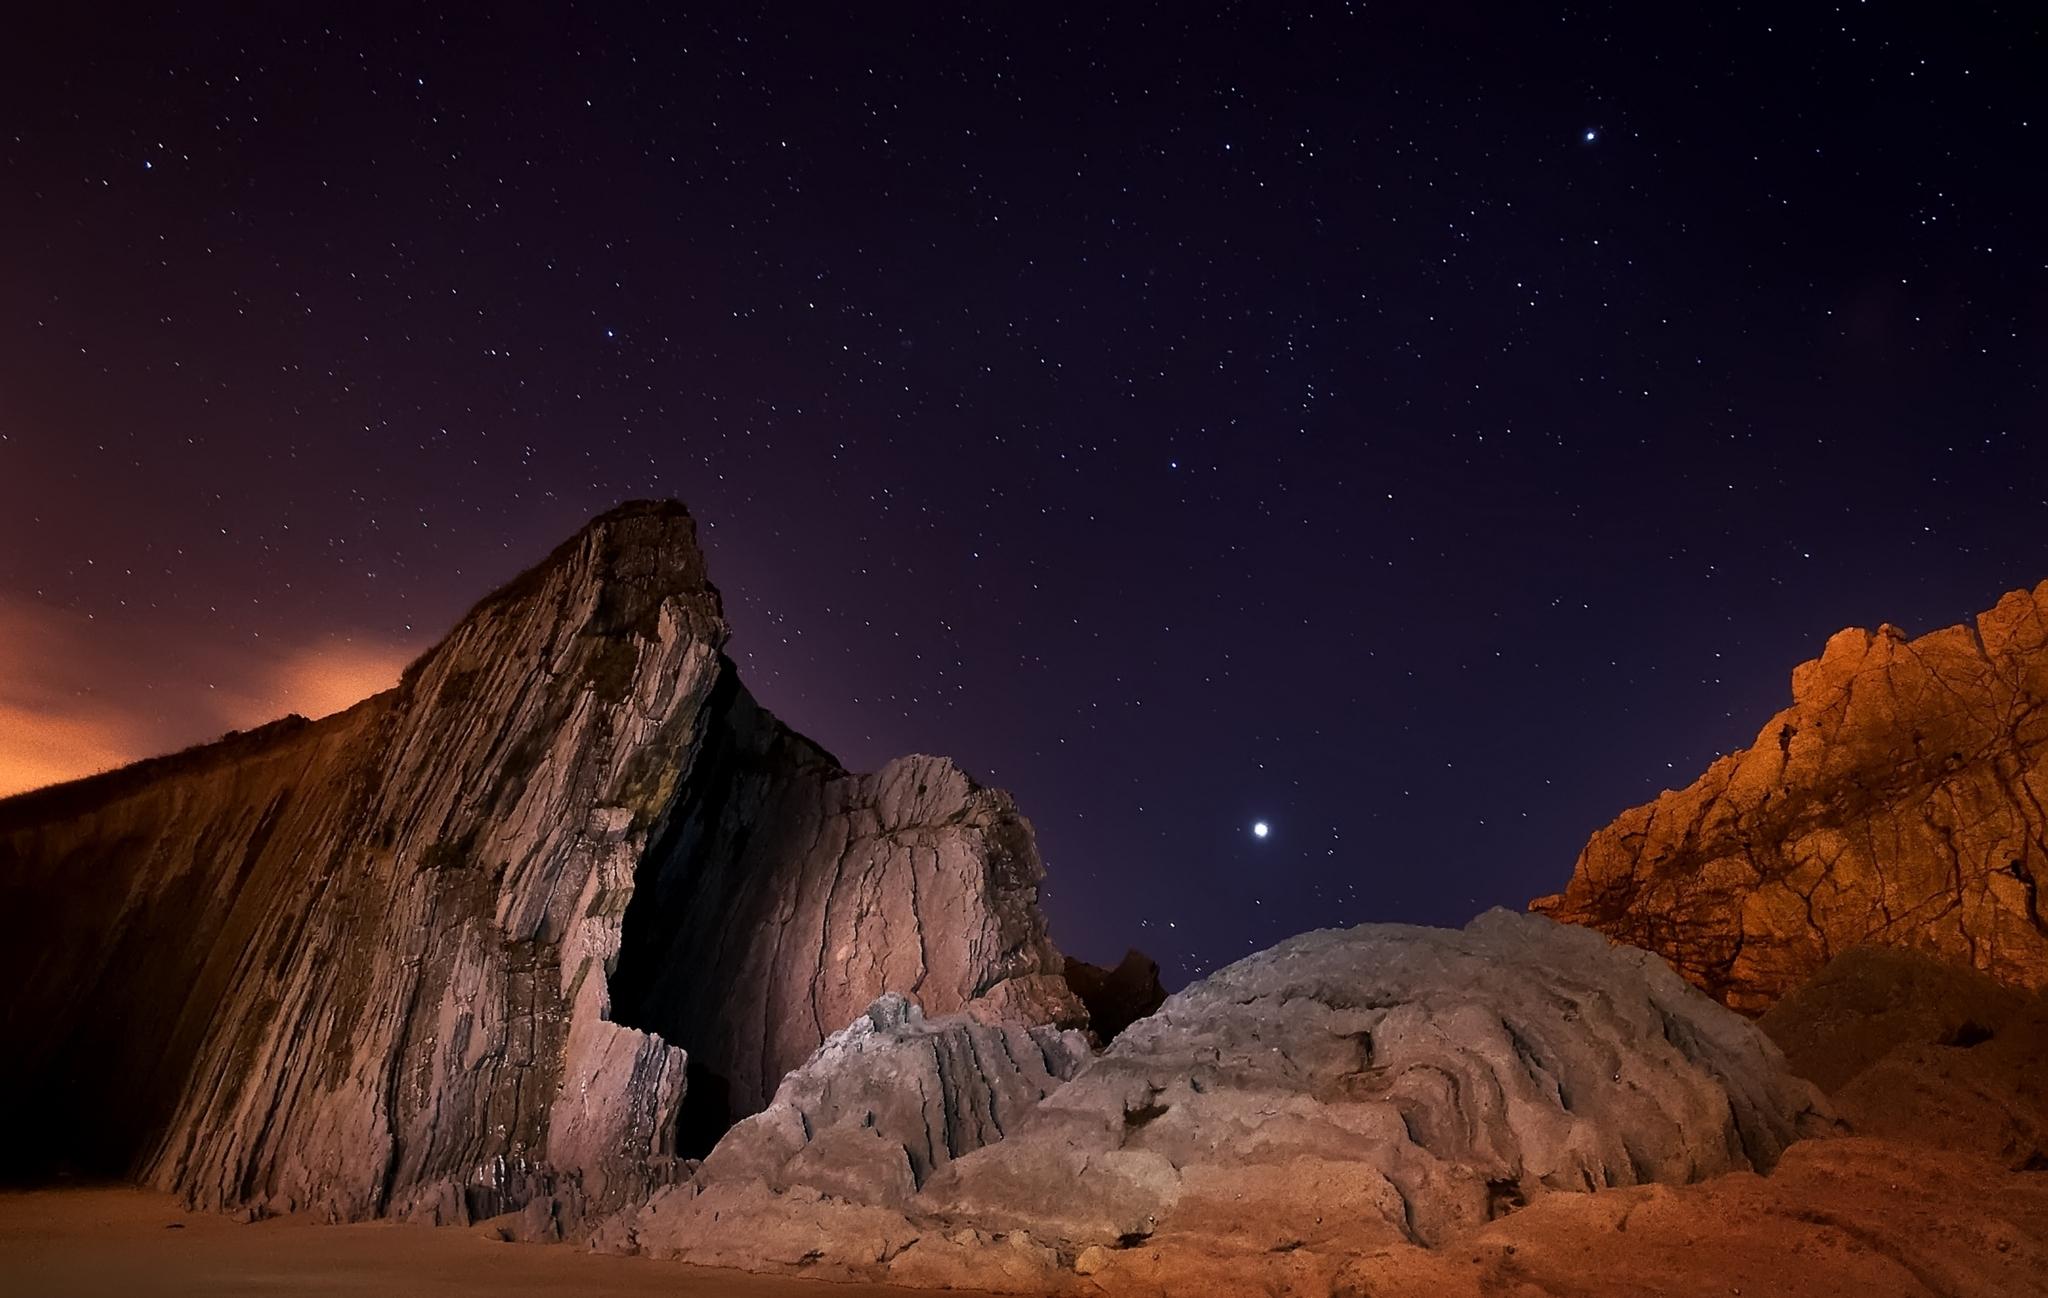 природа космос горы скалы небо звезды ночь  № 851864 бесплатно